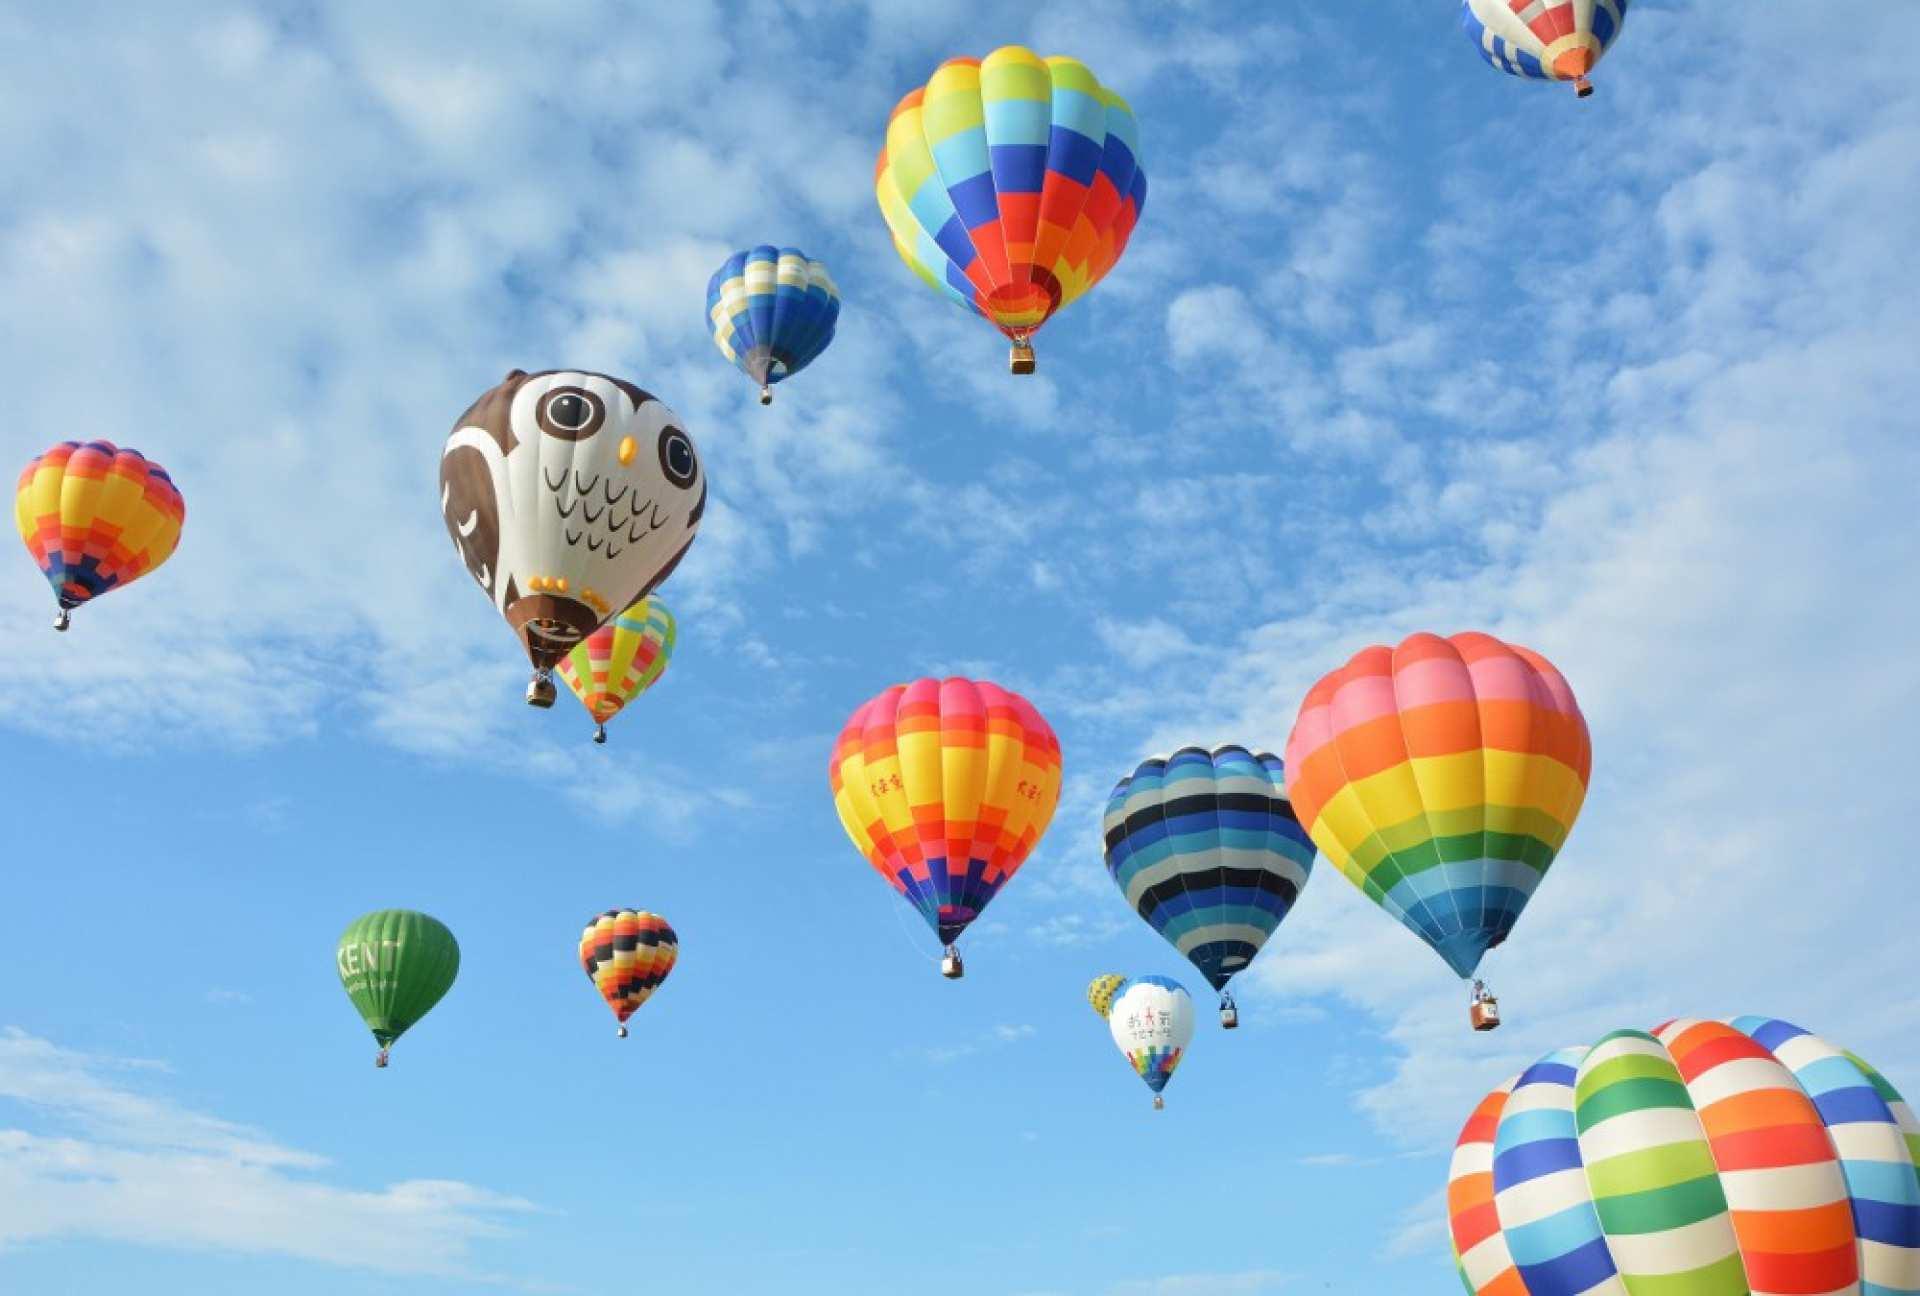 【北海道熱門體驗】富良野熱氣球體驗